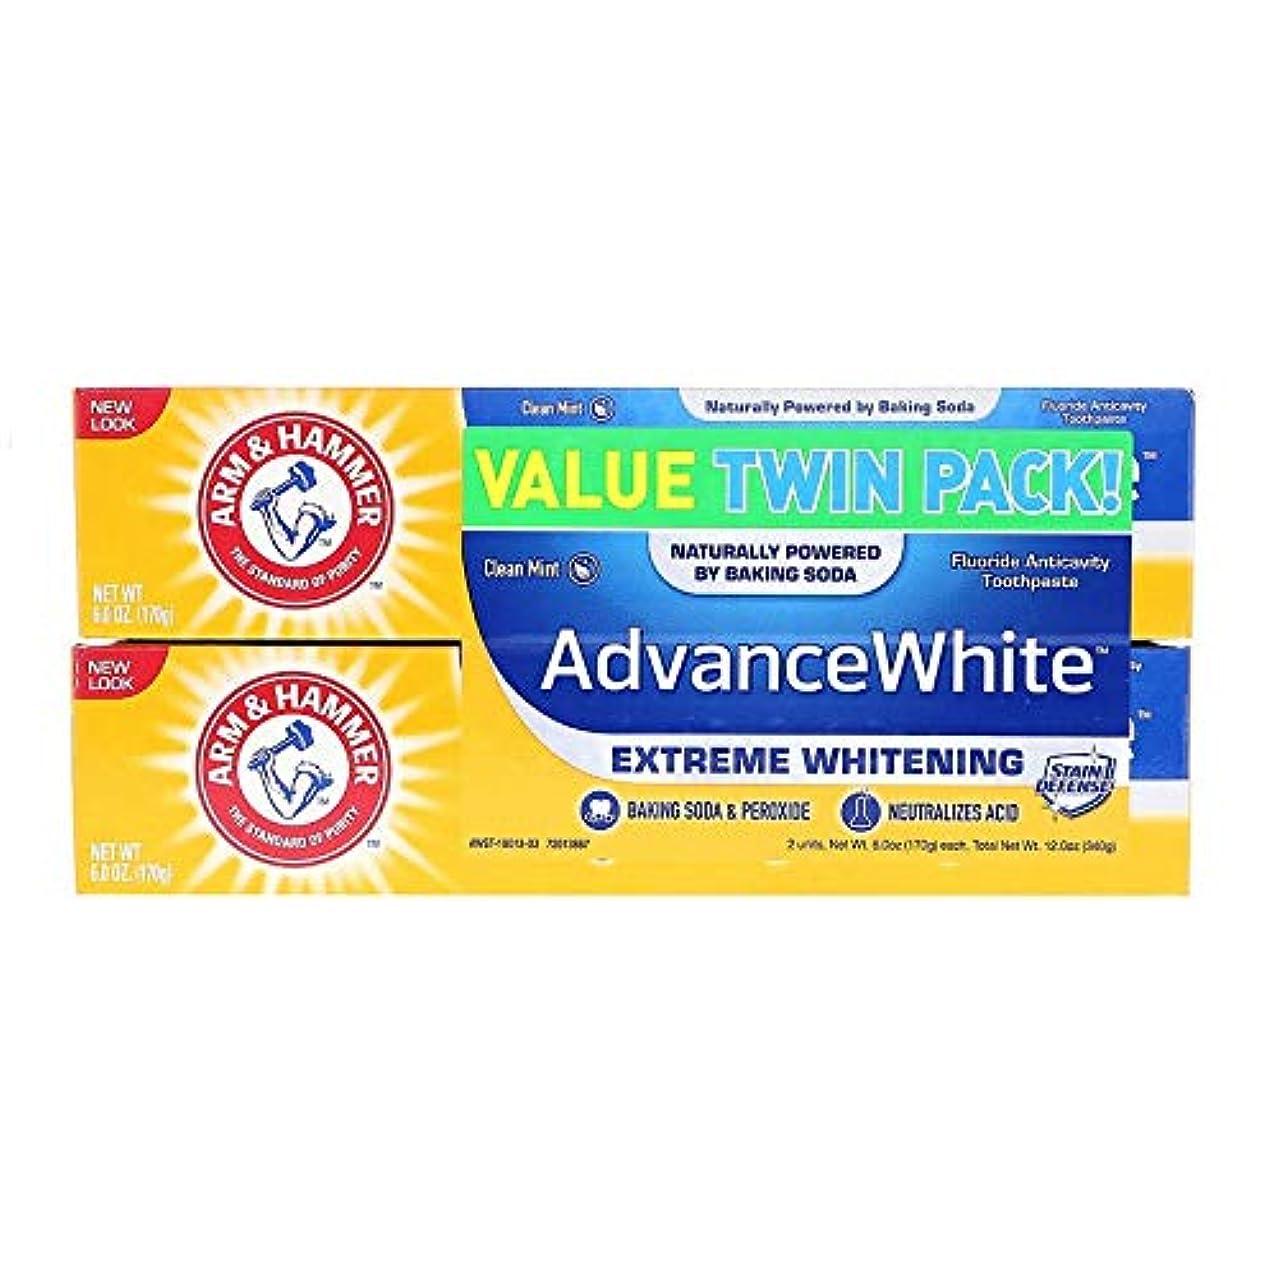 カーフからに変化するクラウンArm & Hammer アーム&ハマー アドバンス ホワイト 歯磨き粉 6個パック Toothpaste with Baking Soda & Peroxide